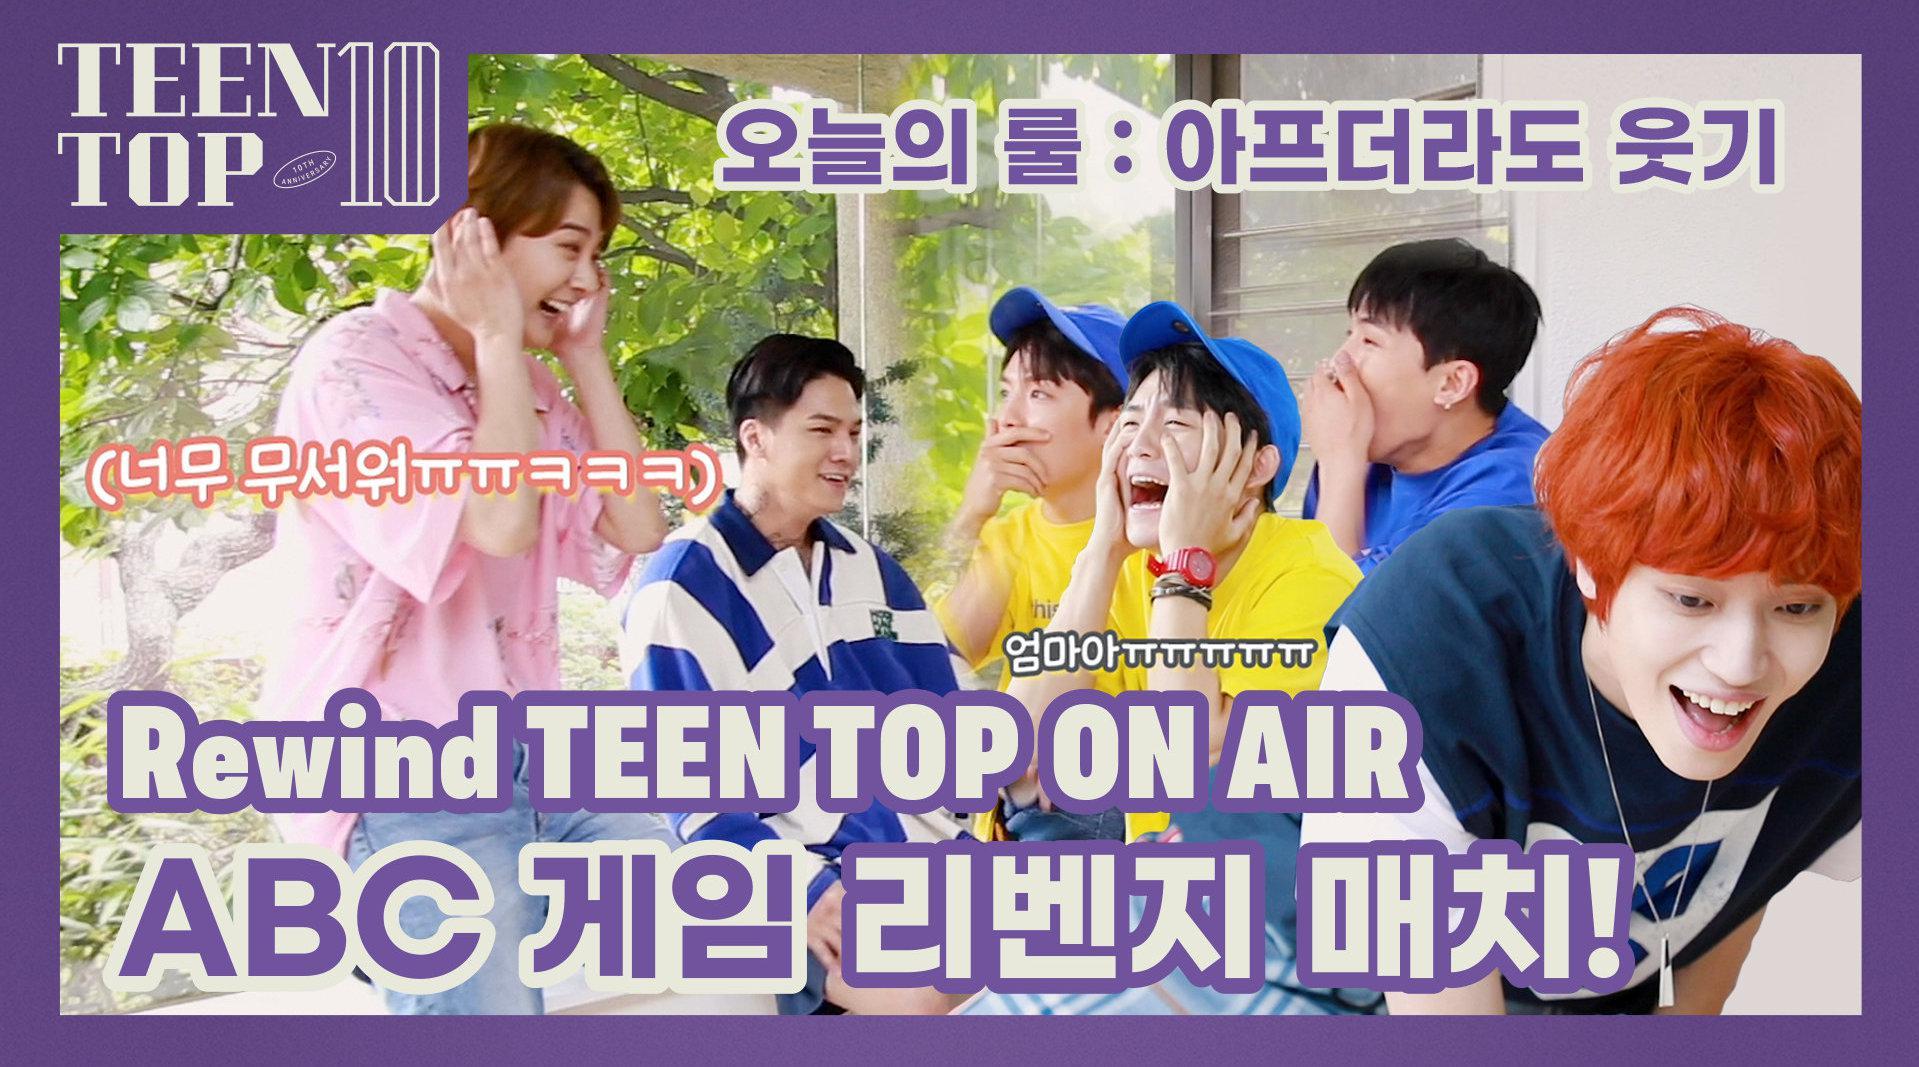 20200625 中字 十周年特别版TEEN TOP ON AIR - 2020新版ABC游戏